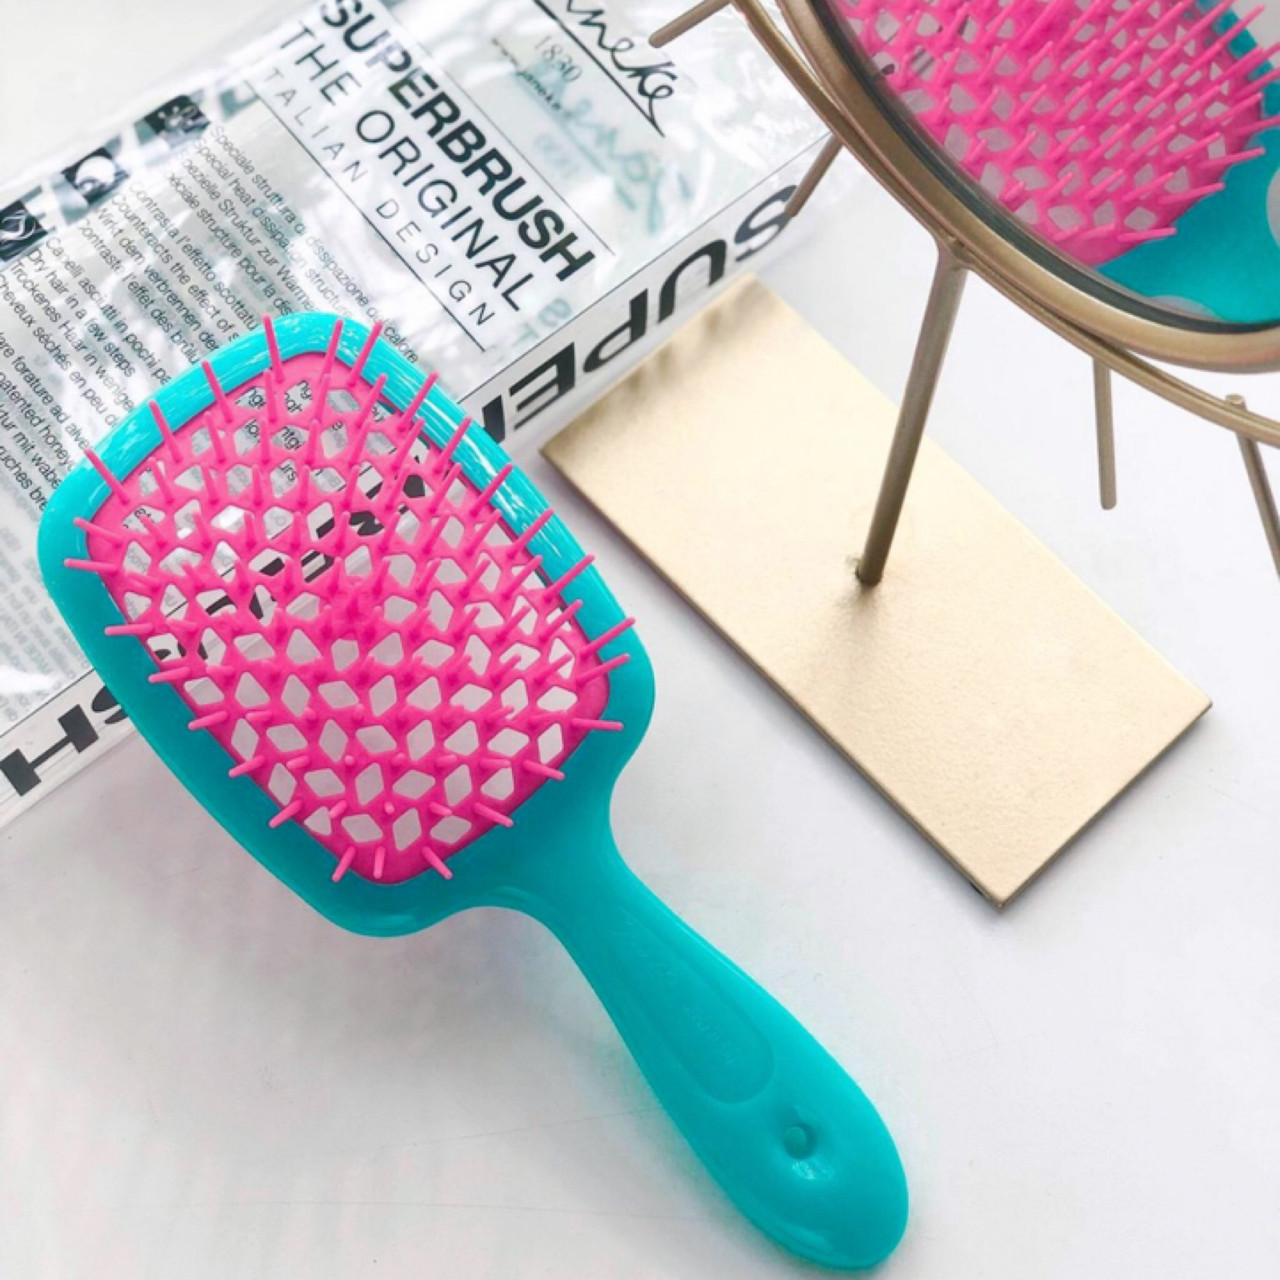 Расческа для волос Janeke 1830 Superbrush, бирюза с розовым